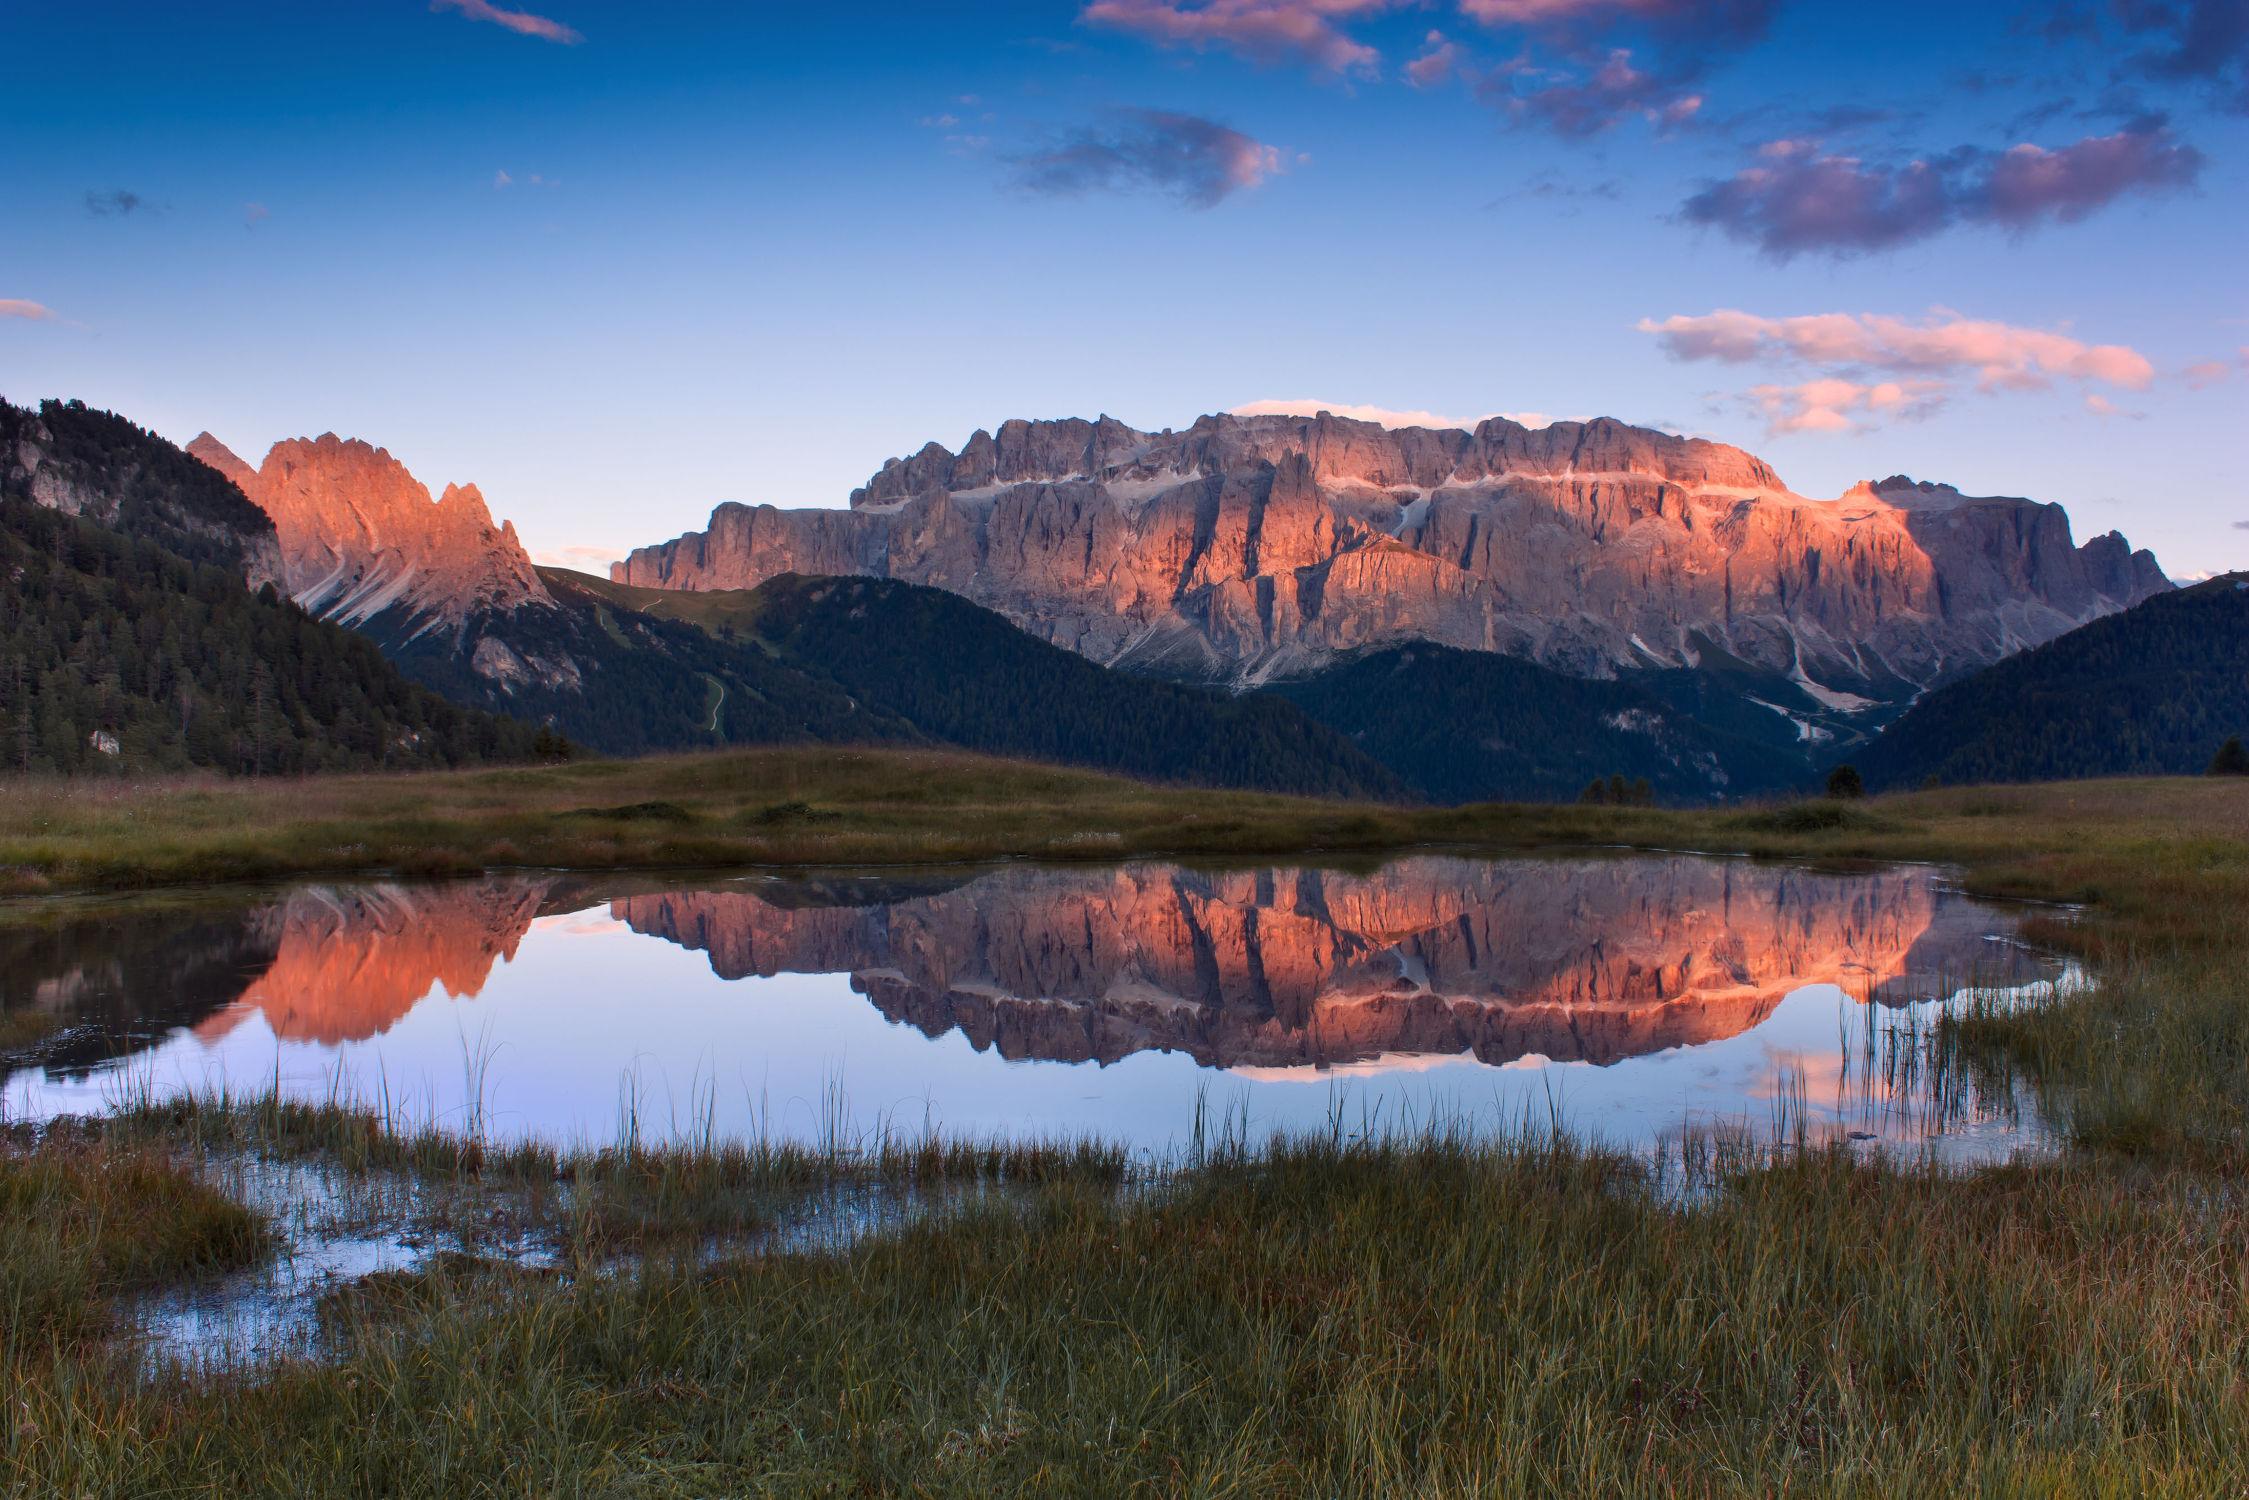 Bild mit Natur, Wasser, Wasser, Berge, Bäume, Gewässer, Wälder, Seen, Herbst, Sonnenuntergang, Sonnenaufgang, Wald, Baum, See, Wäldchen, Landschaften im Herbst, berg, Gebirge, Fluss